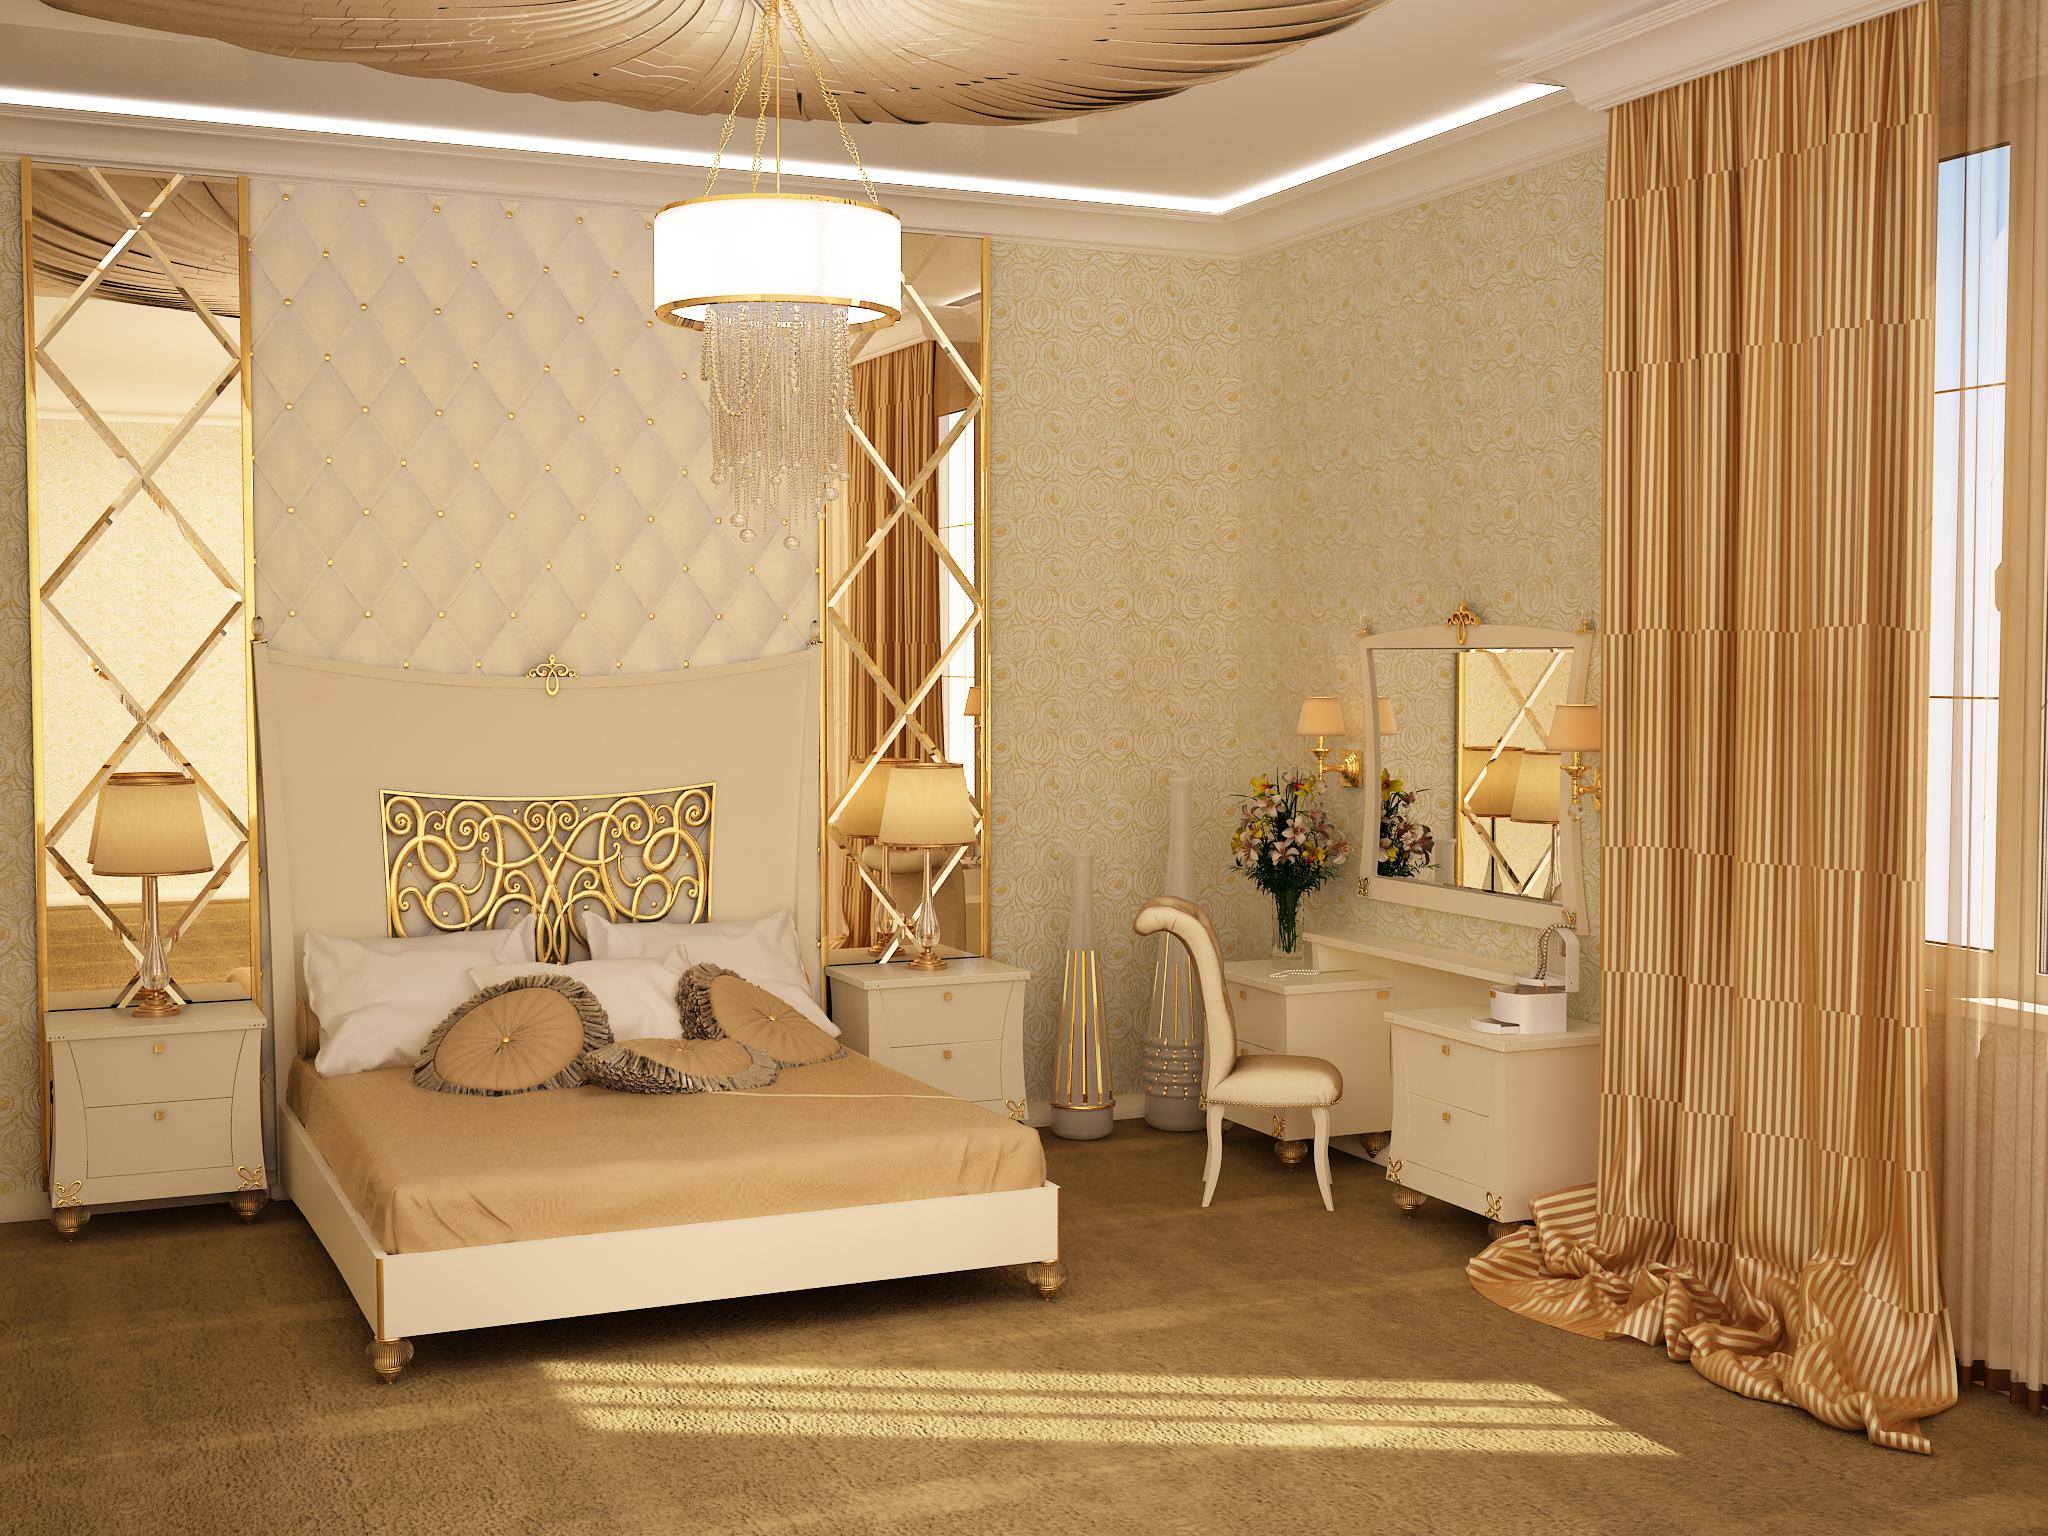 صور صور غرف النوم , تشكيلة رائعة من صور غرف النوم